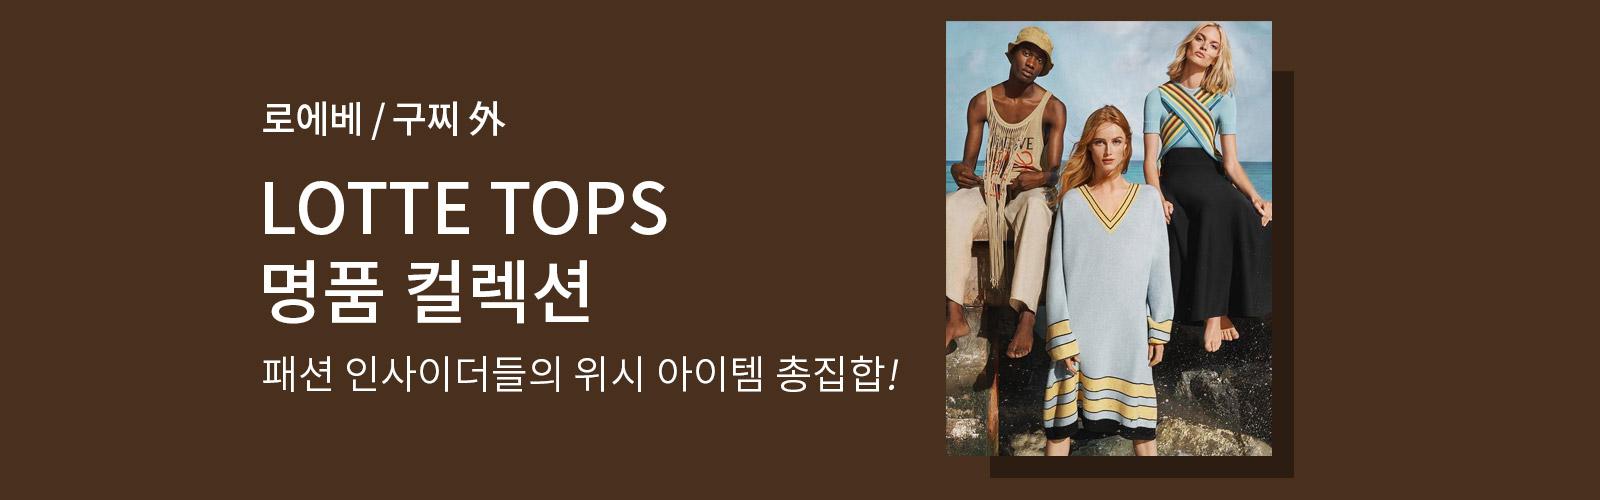 로에베/구찌 外LOTTE TOPS 명품 컬렉션 패션 인사이더들의 위시 아이템 총집합!